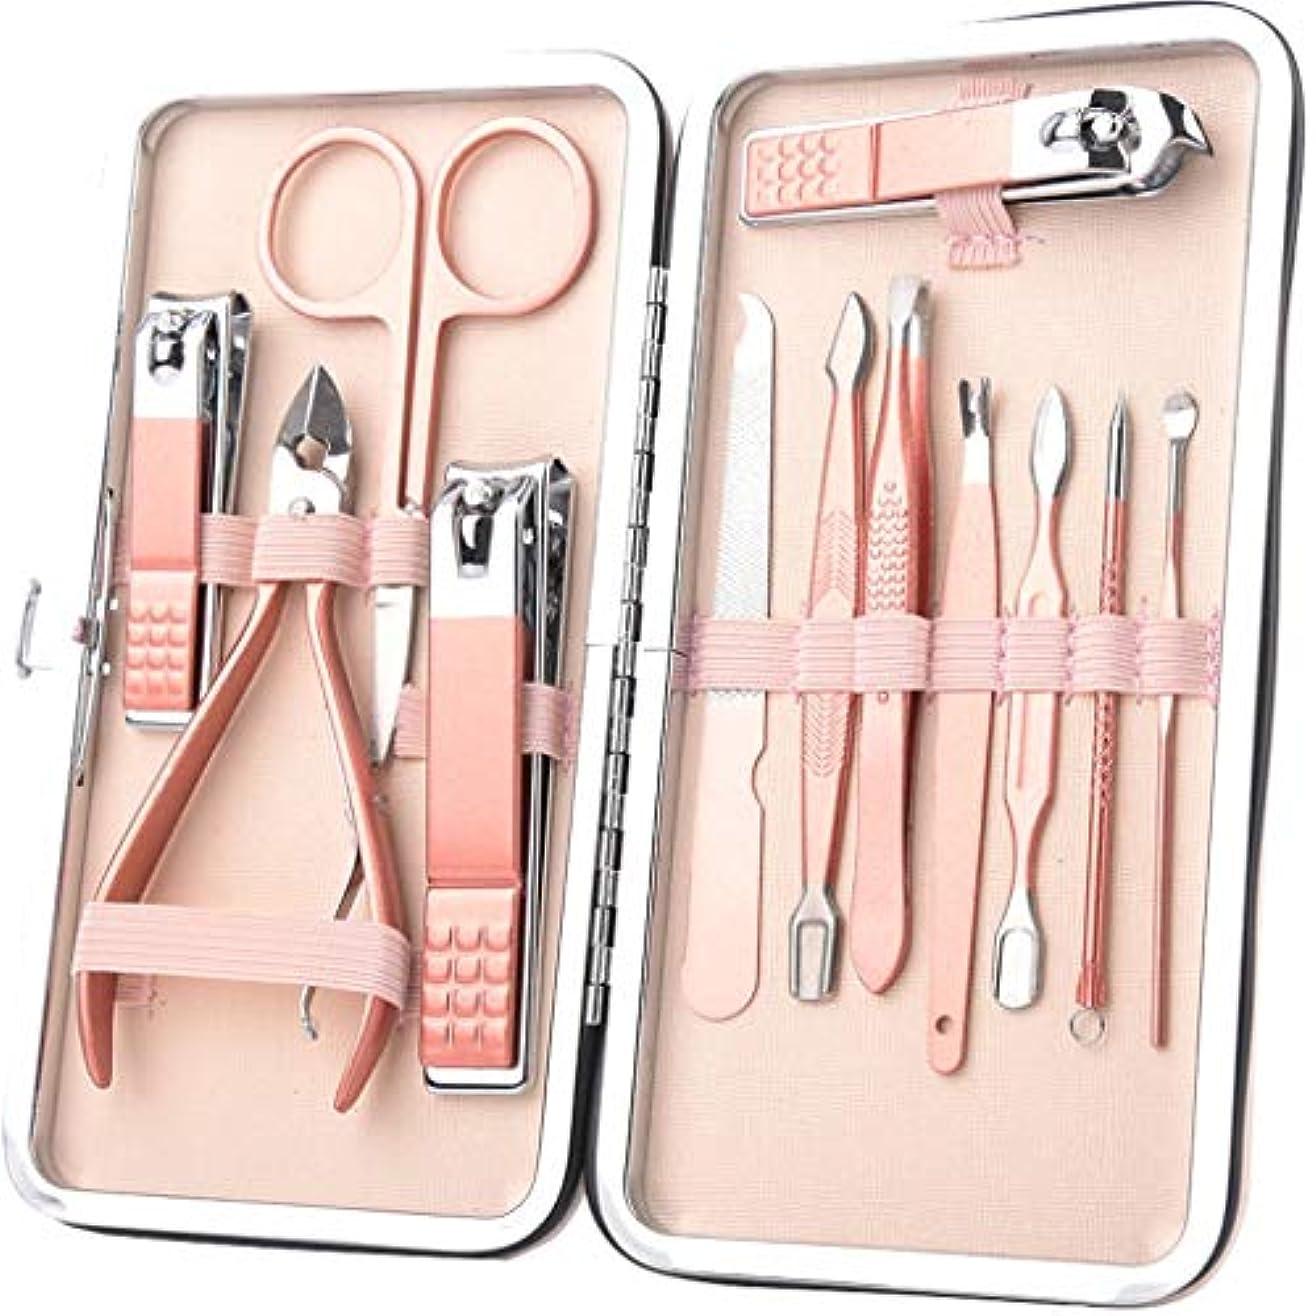 掃除環境保護主義者遠い12個爪切りマニキュアペディキュアセット-豪華なトラベルケース(ピンク)のプロフェッショナルグルーミングキット爪切りツール